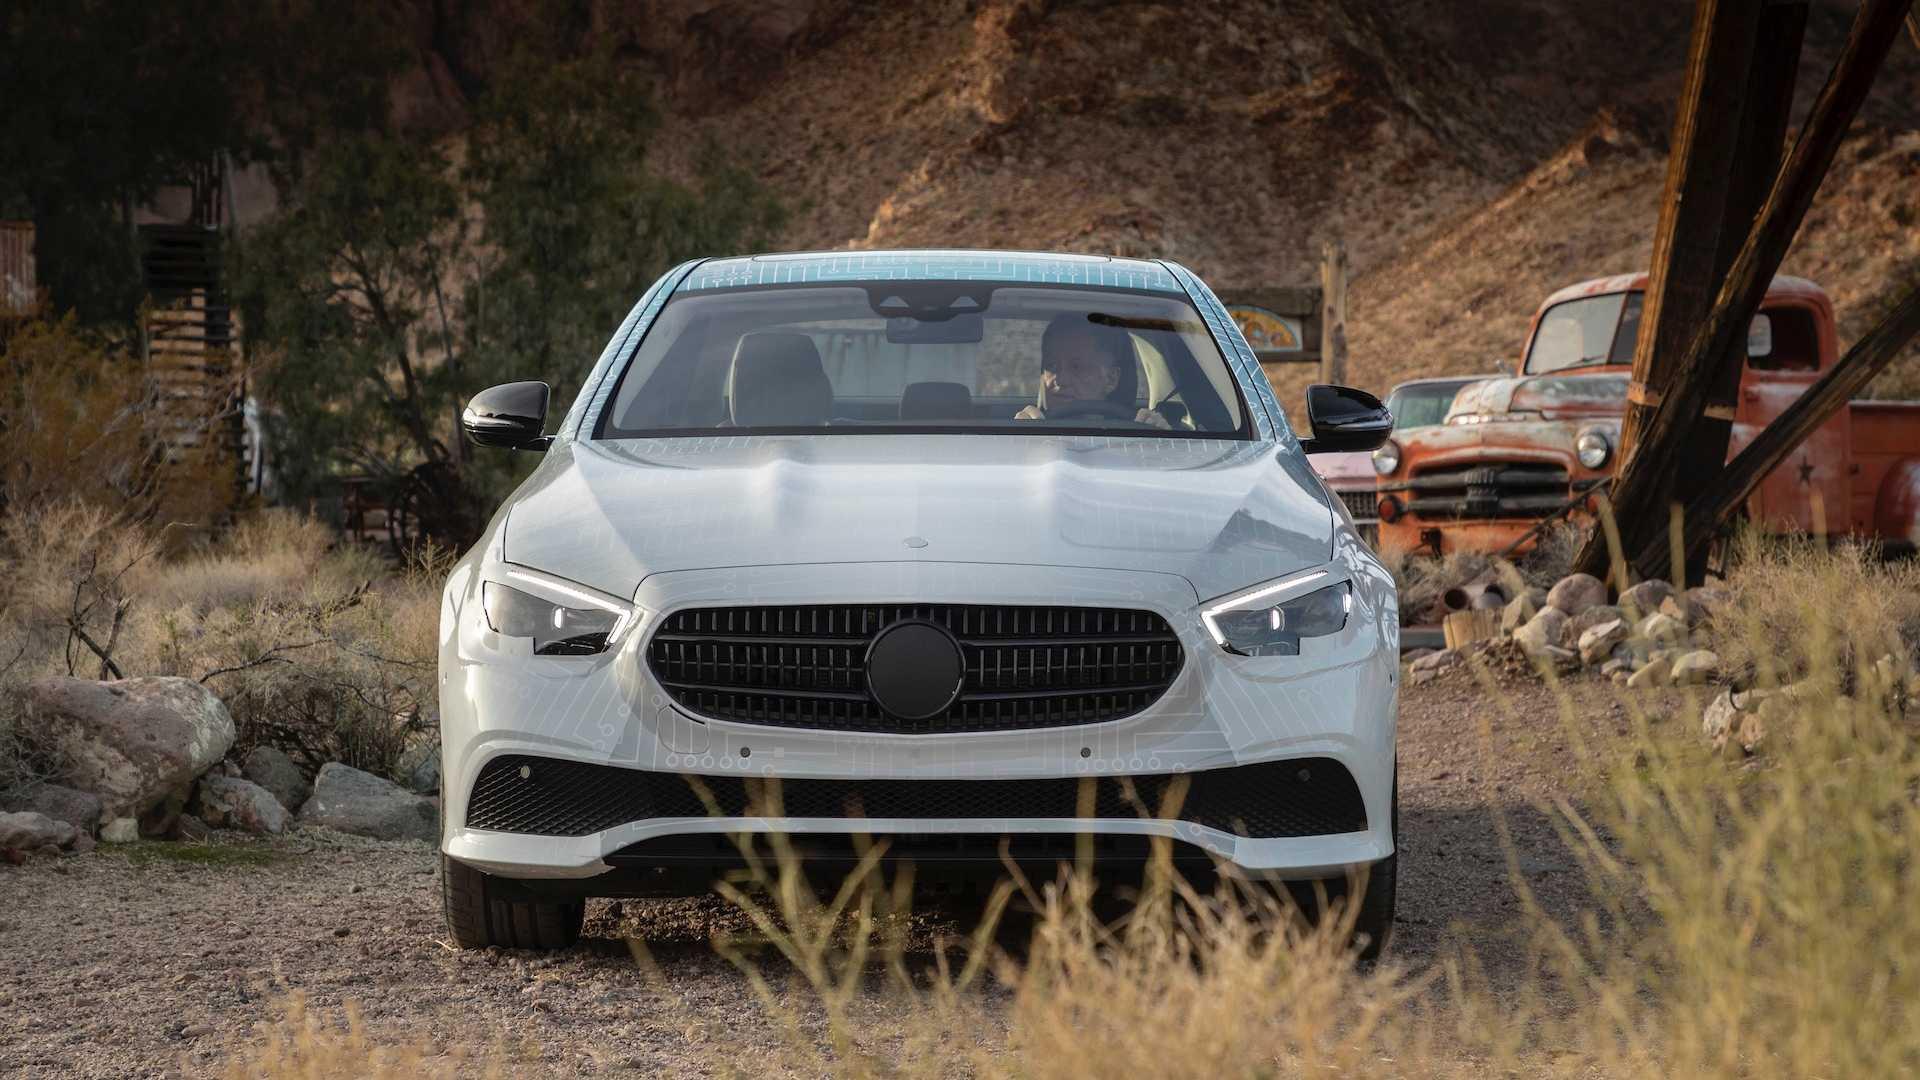 Hé lộ hình ảnh Mercedes-Benz E-Class facelift, thiết kế và động cơ mới - 09